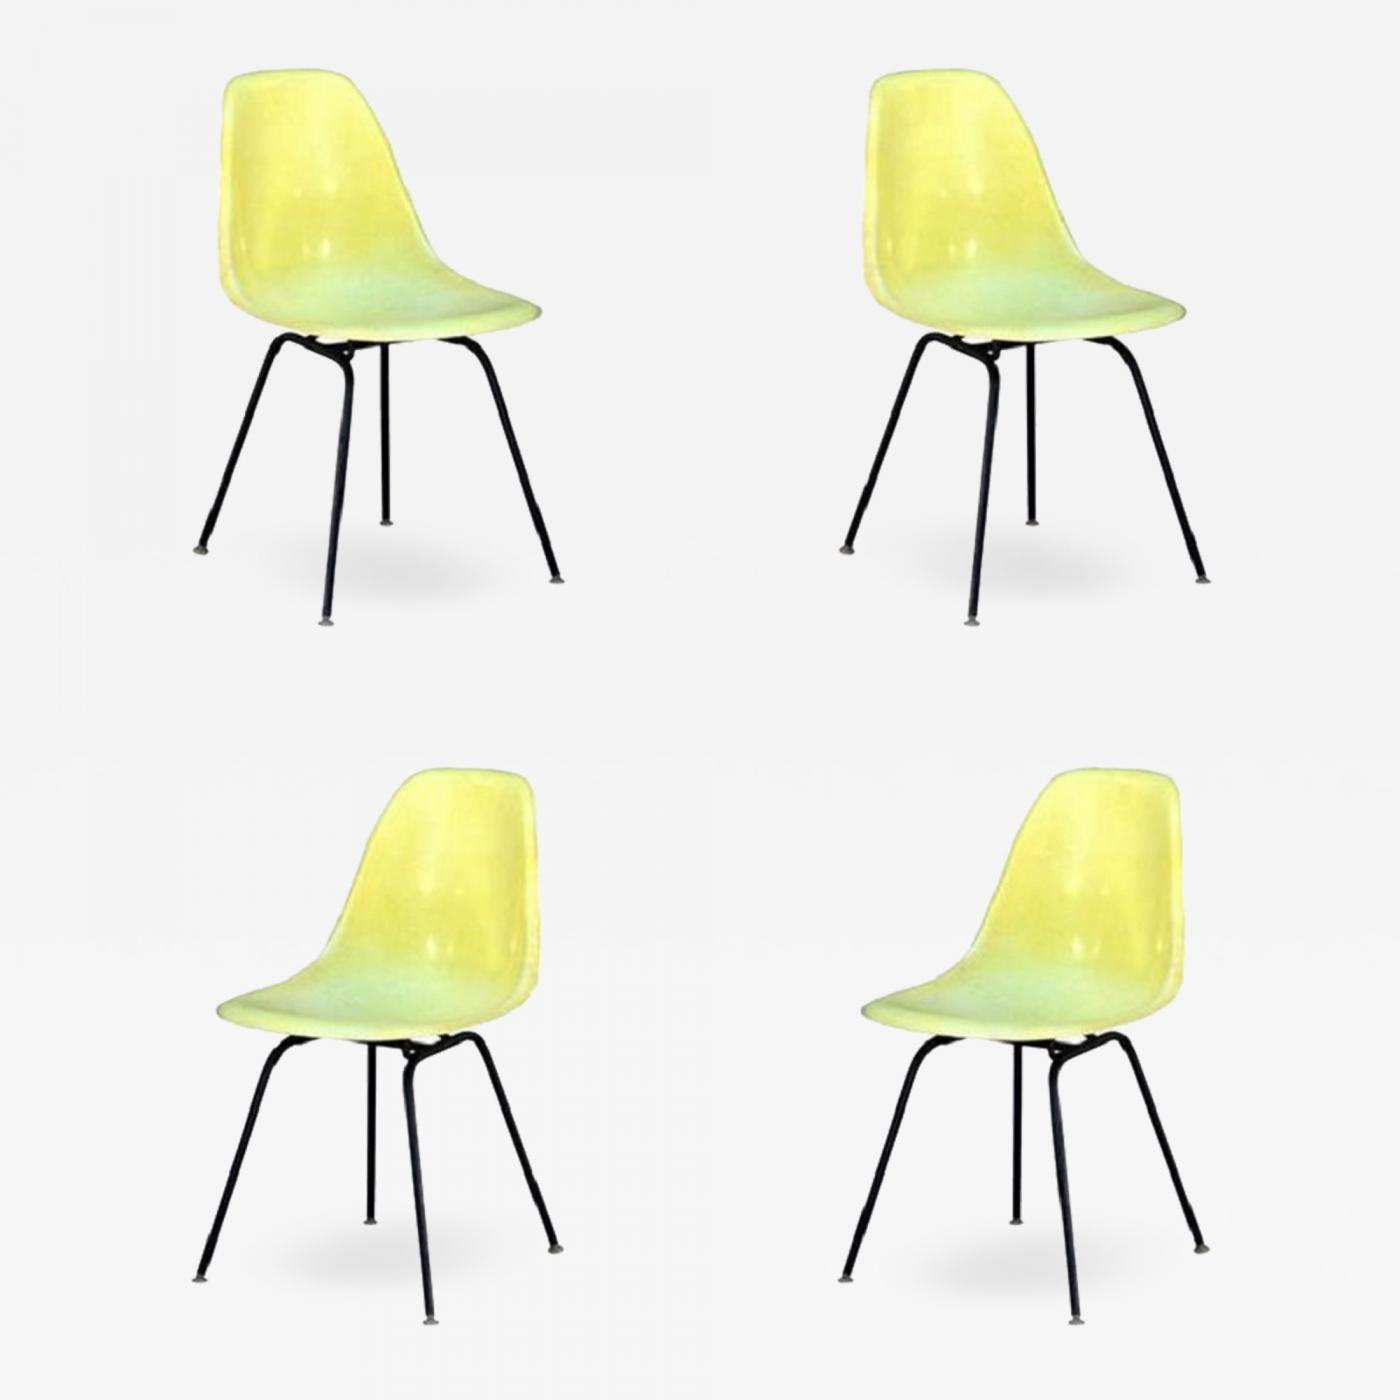 Vintage Herman Miller Chairs >> Herman Miller Set Of 4 Vintage Eames Chairs By Herman Miller